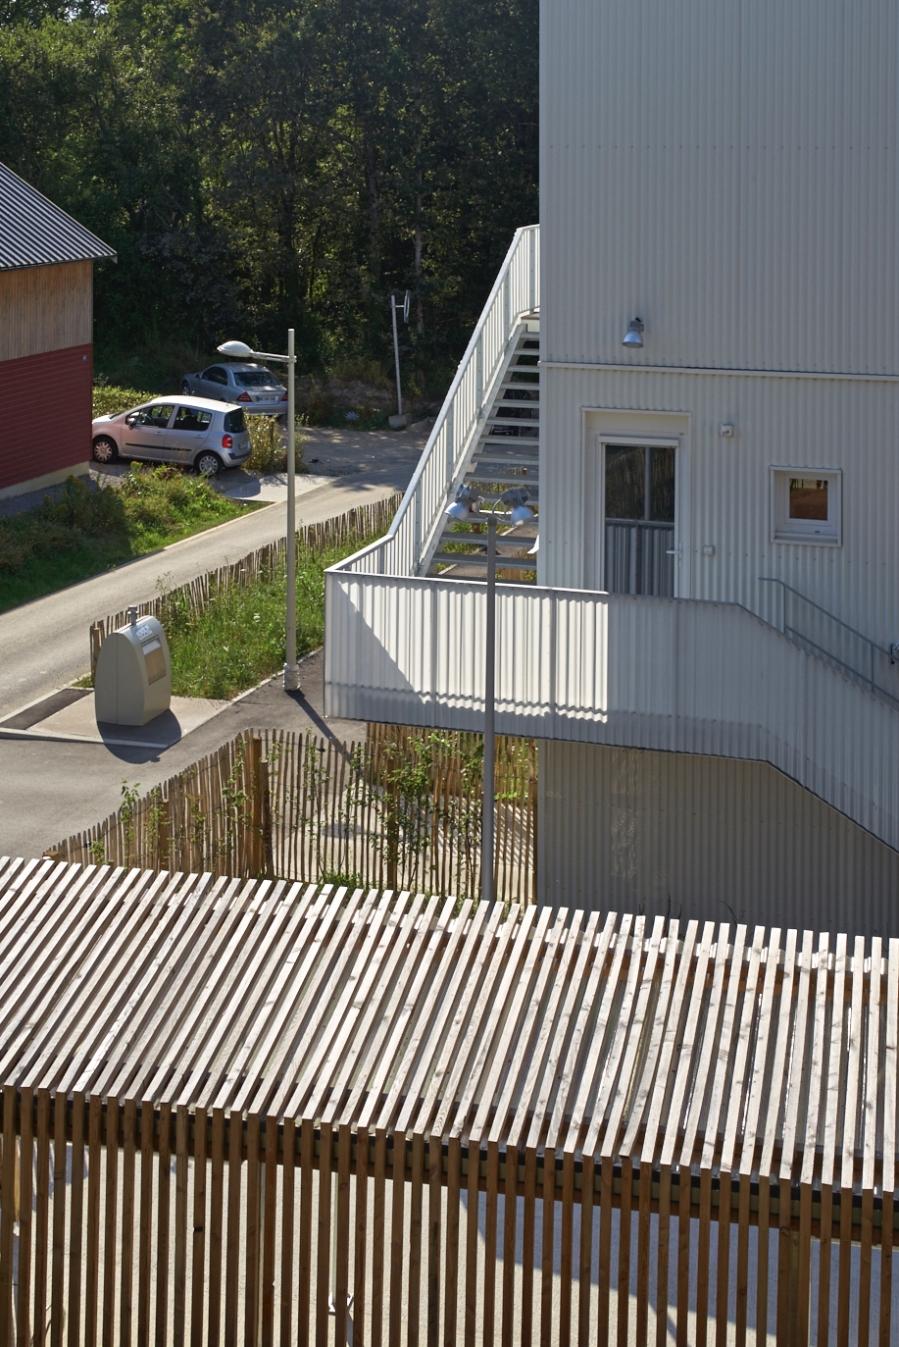 l1001226photos-s-chalmeau-non-libre-de-droits